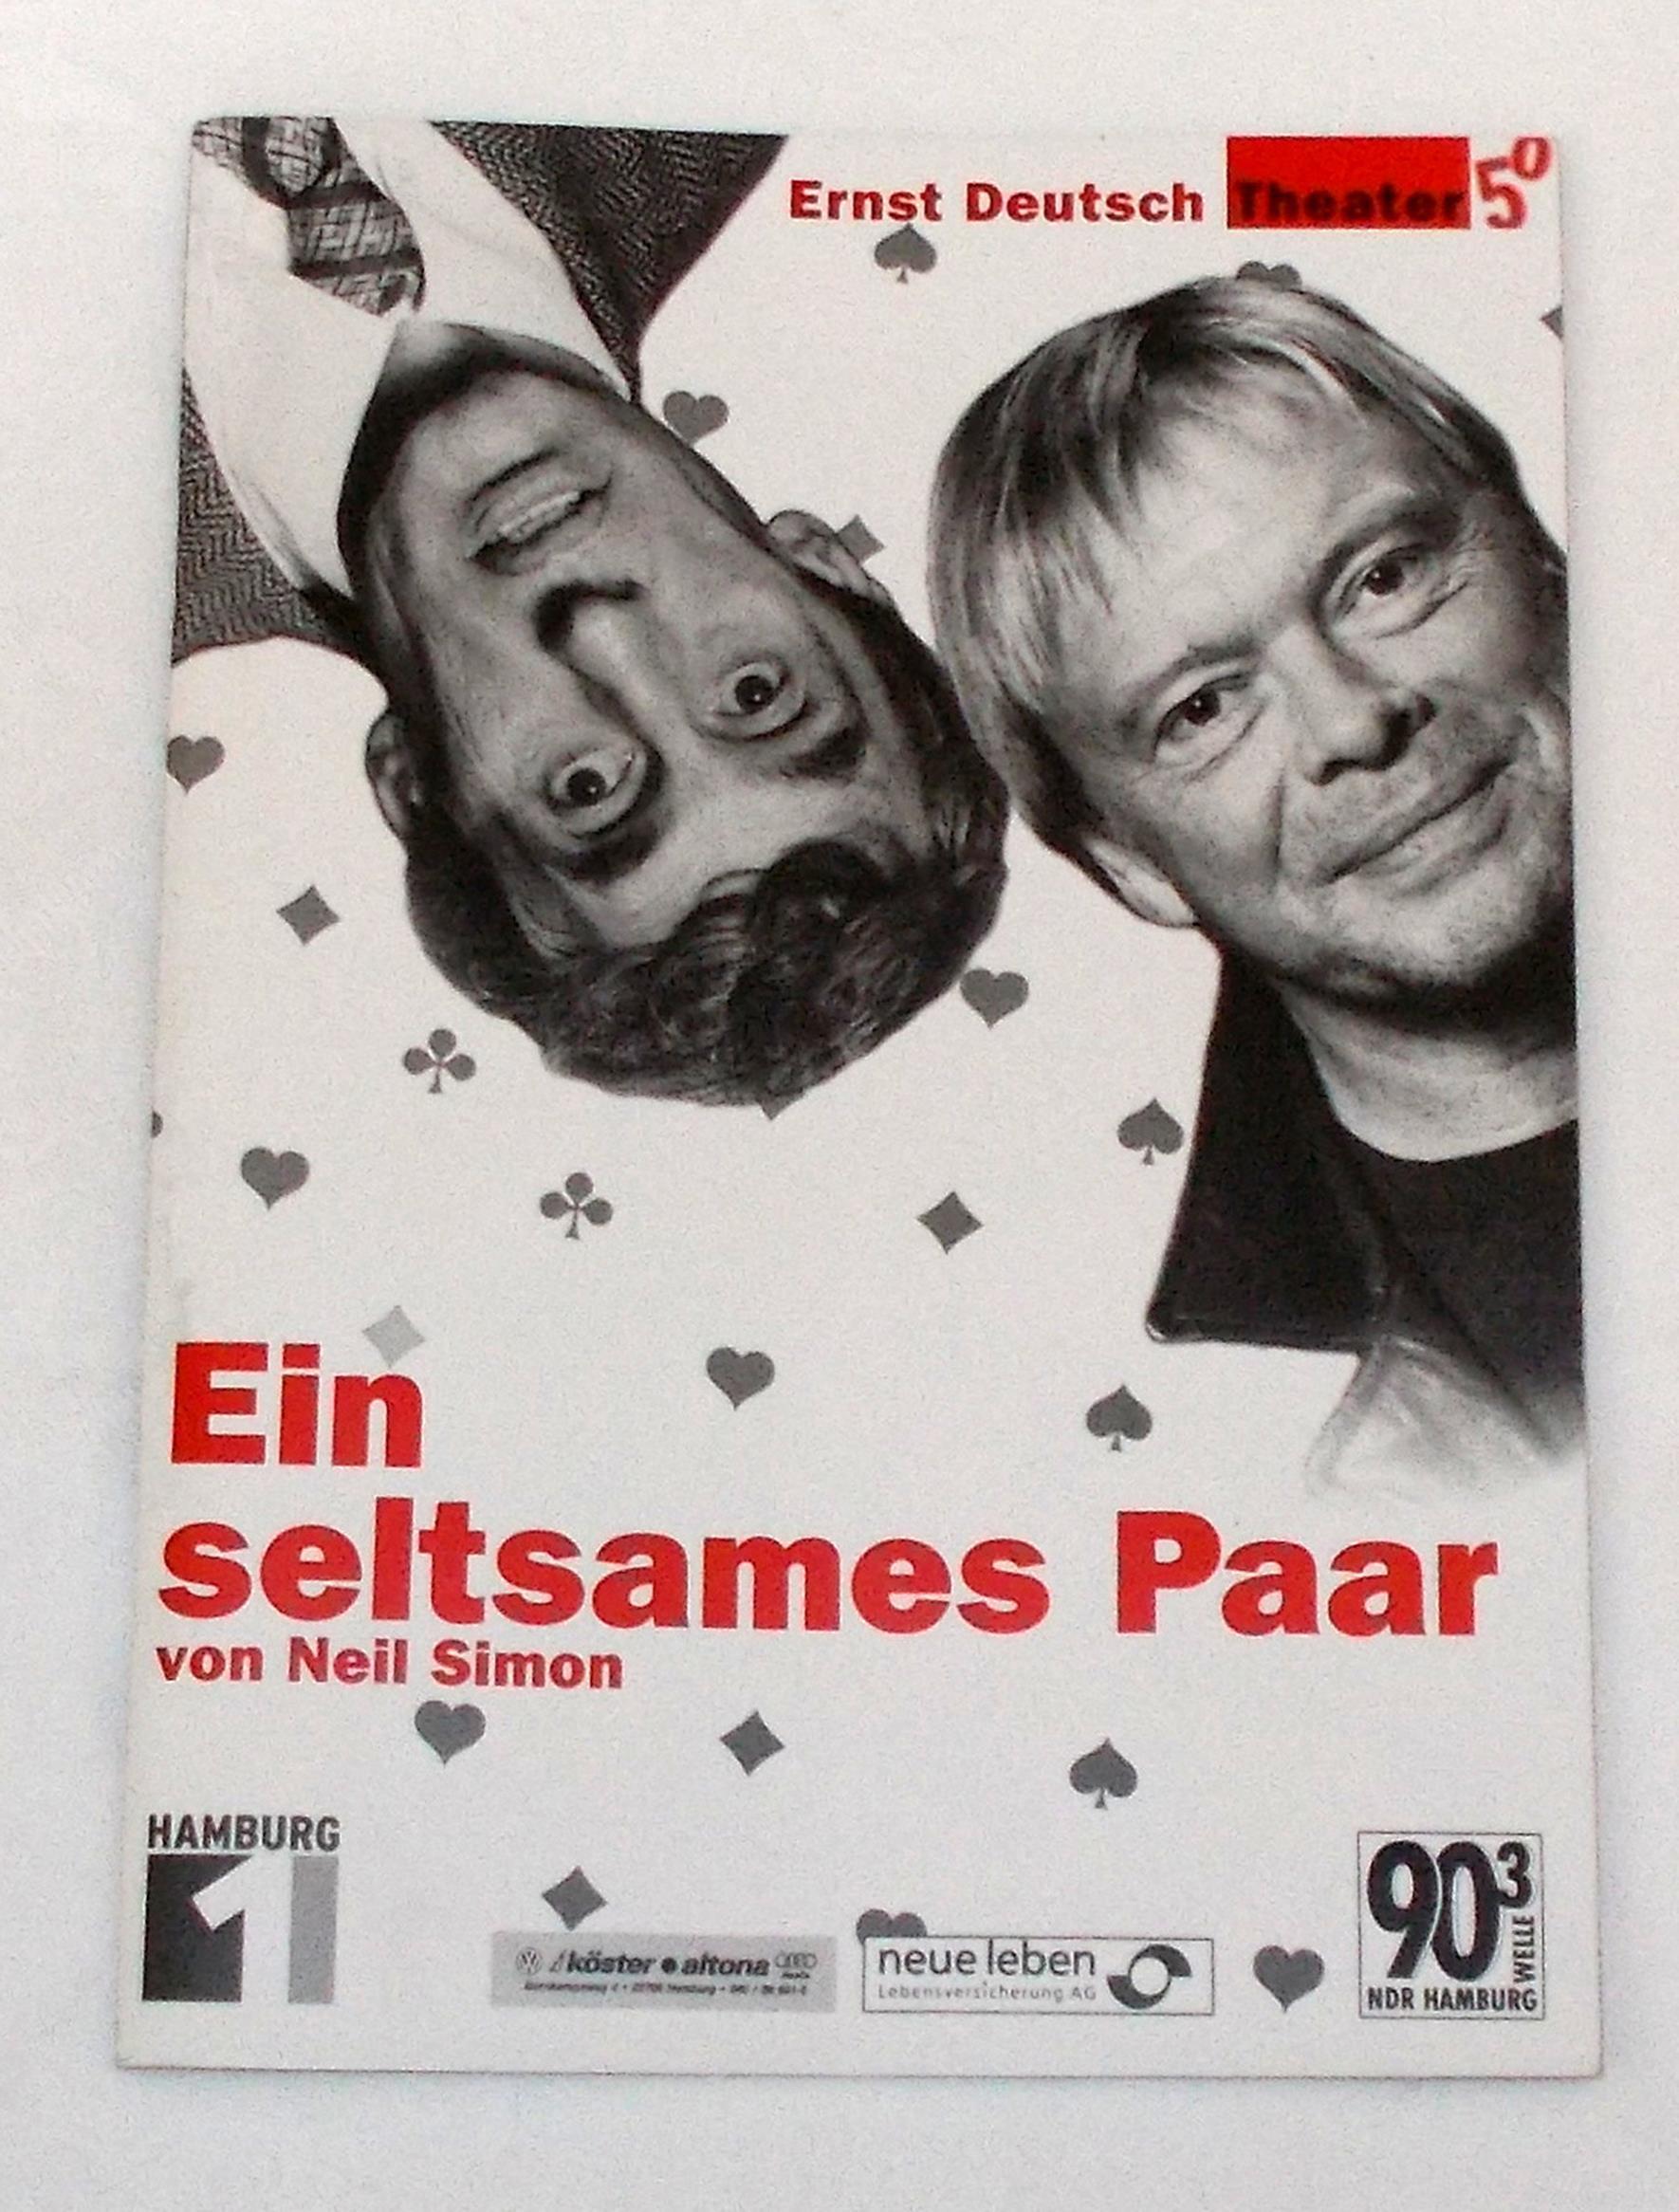 Programmheft Ein seltsames Paar von Neil Simon. Ernst Deutsch Theater 2001